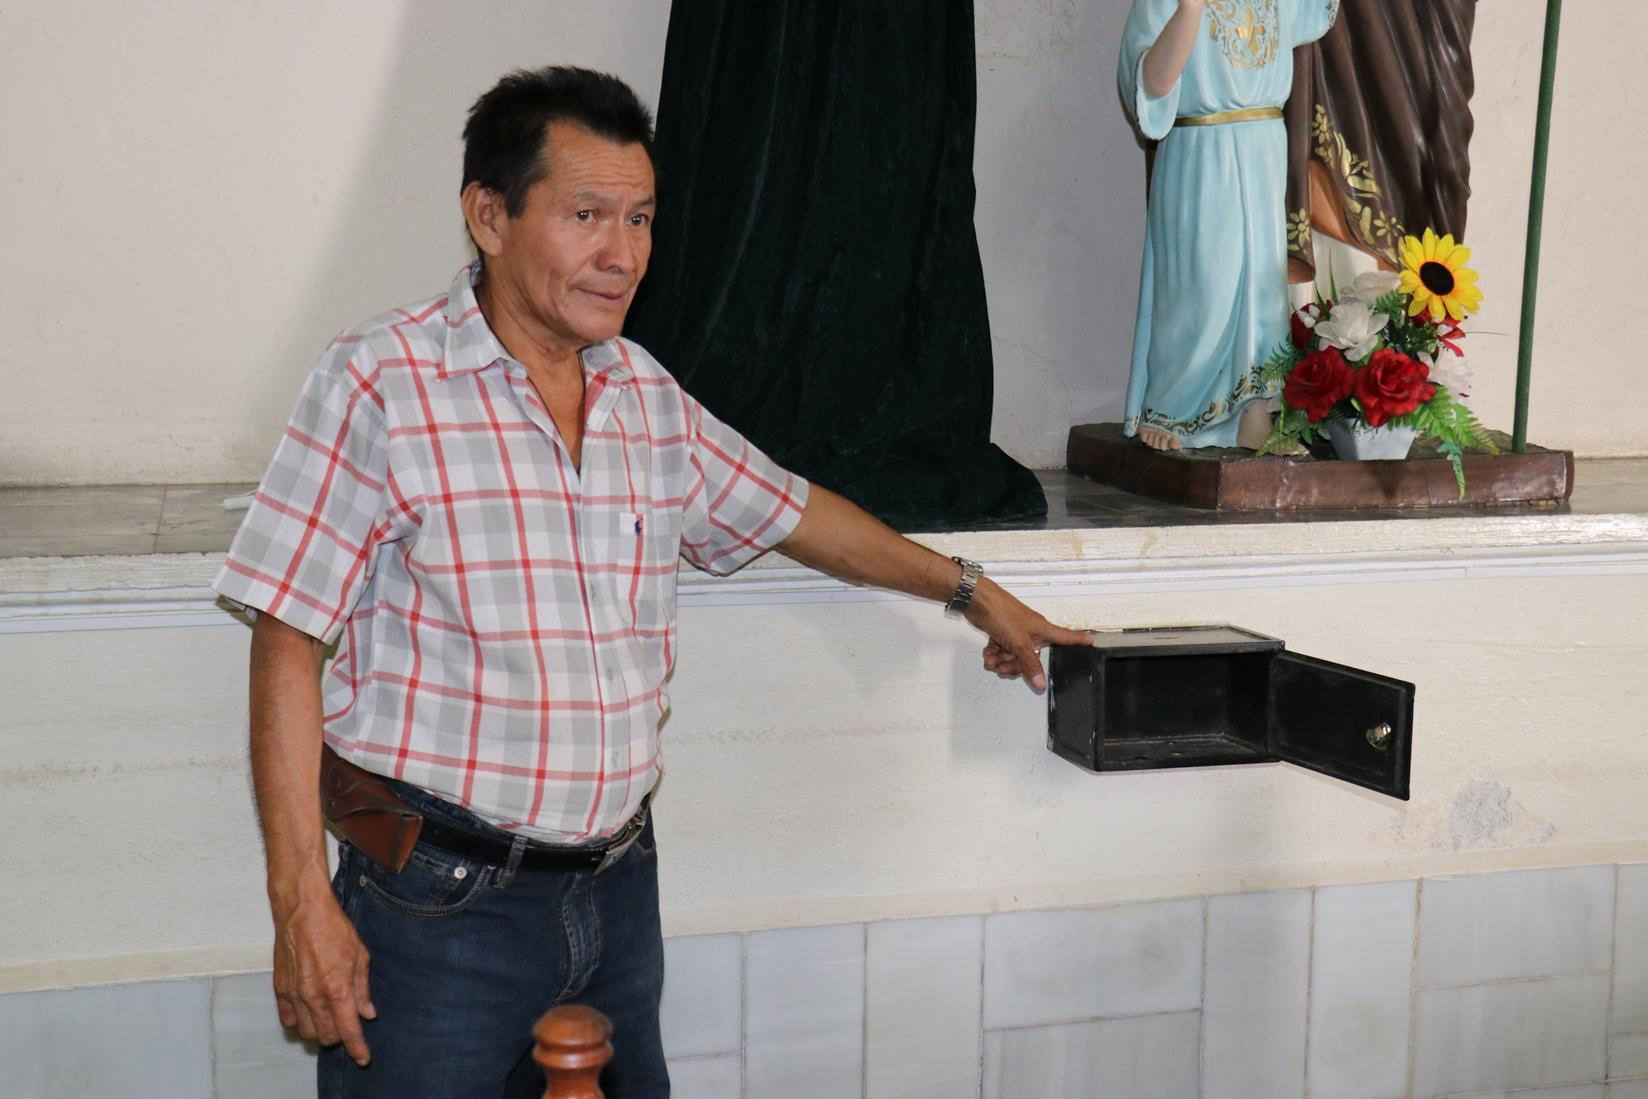 El sacristán Concepción Ávalos señala una de las alcancías de donde fueron robadas ofrendas. (Foto Prensa Libre: José Boya).